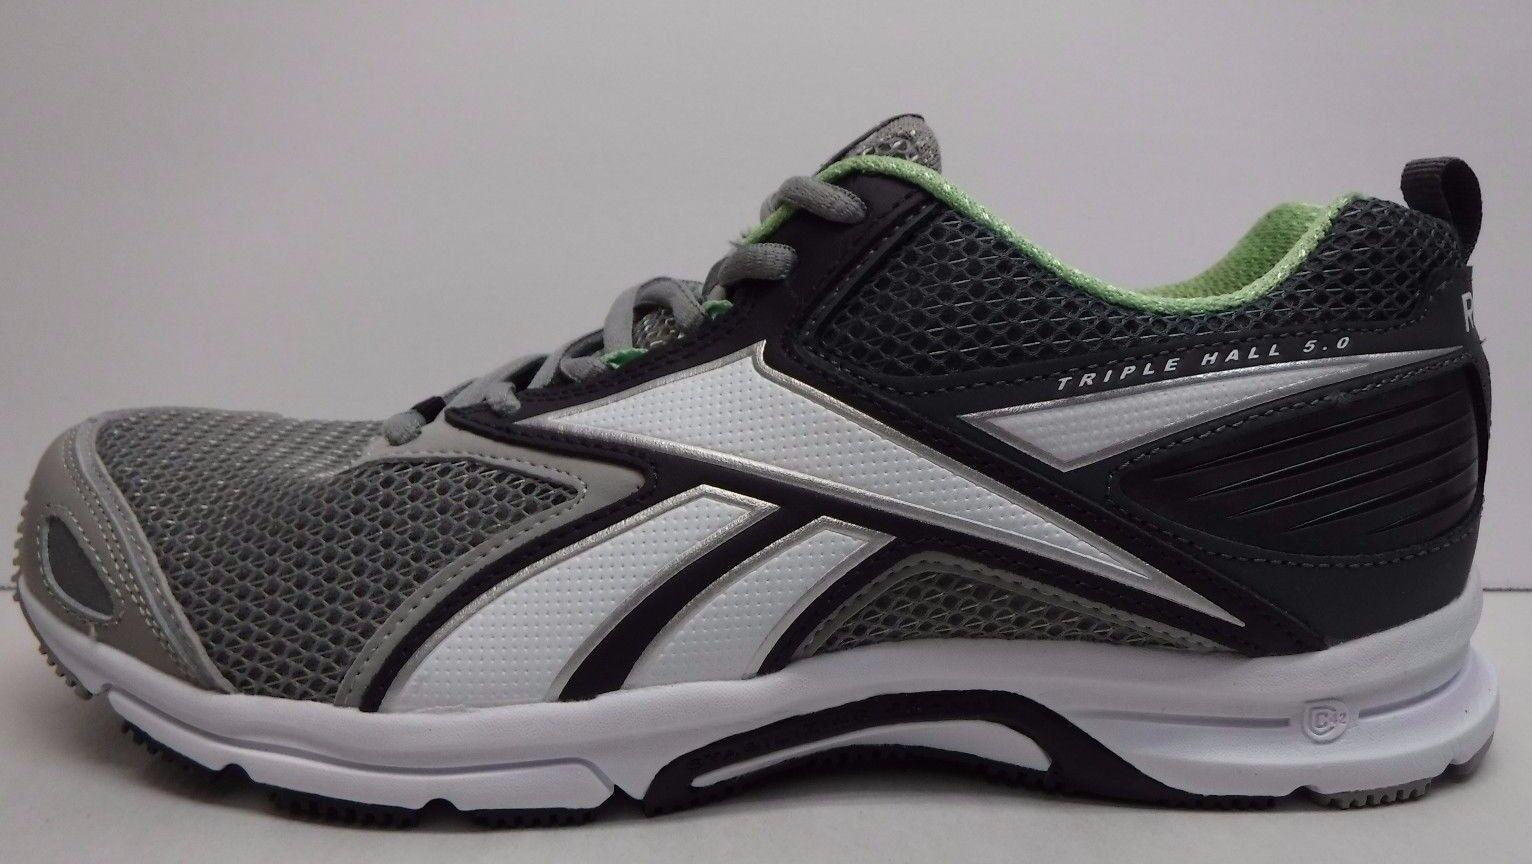 Reebok Größe 11 Gray Running  Sneakers New Damenschuhe Schuhes